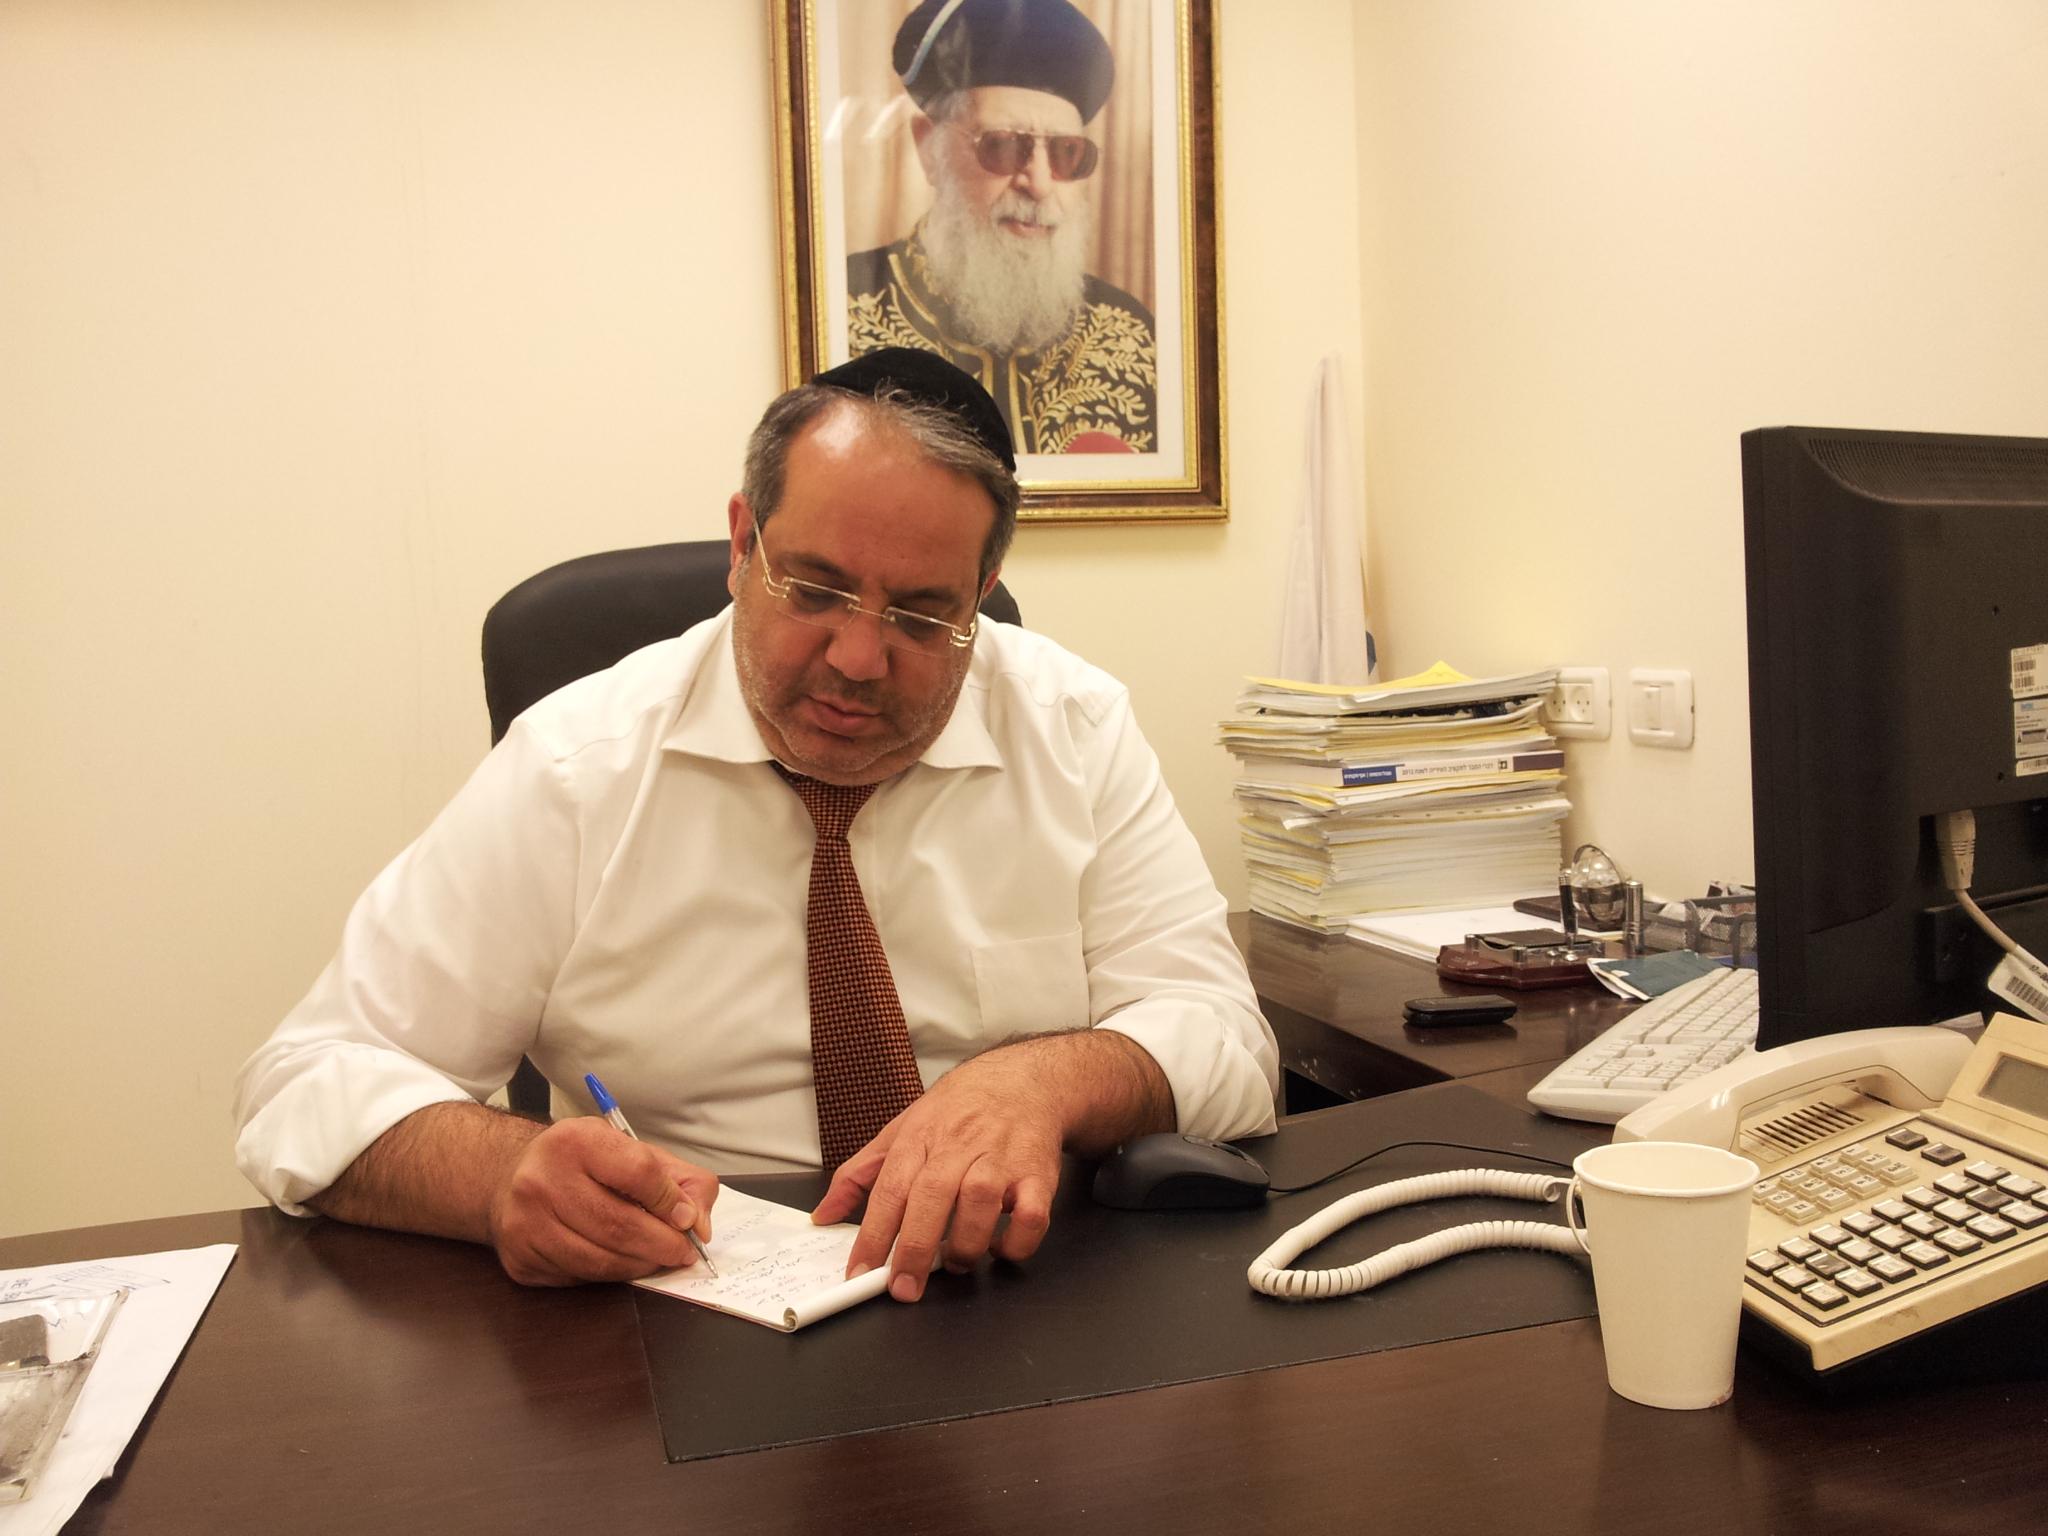 אחרי אשפוז של שבועיים: חבר הכנסת יגאל גואטה שוחרר לביתו